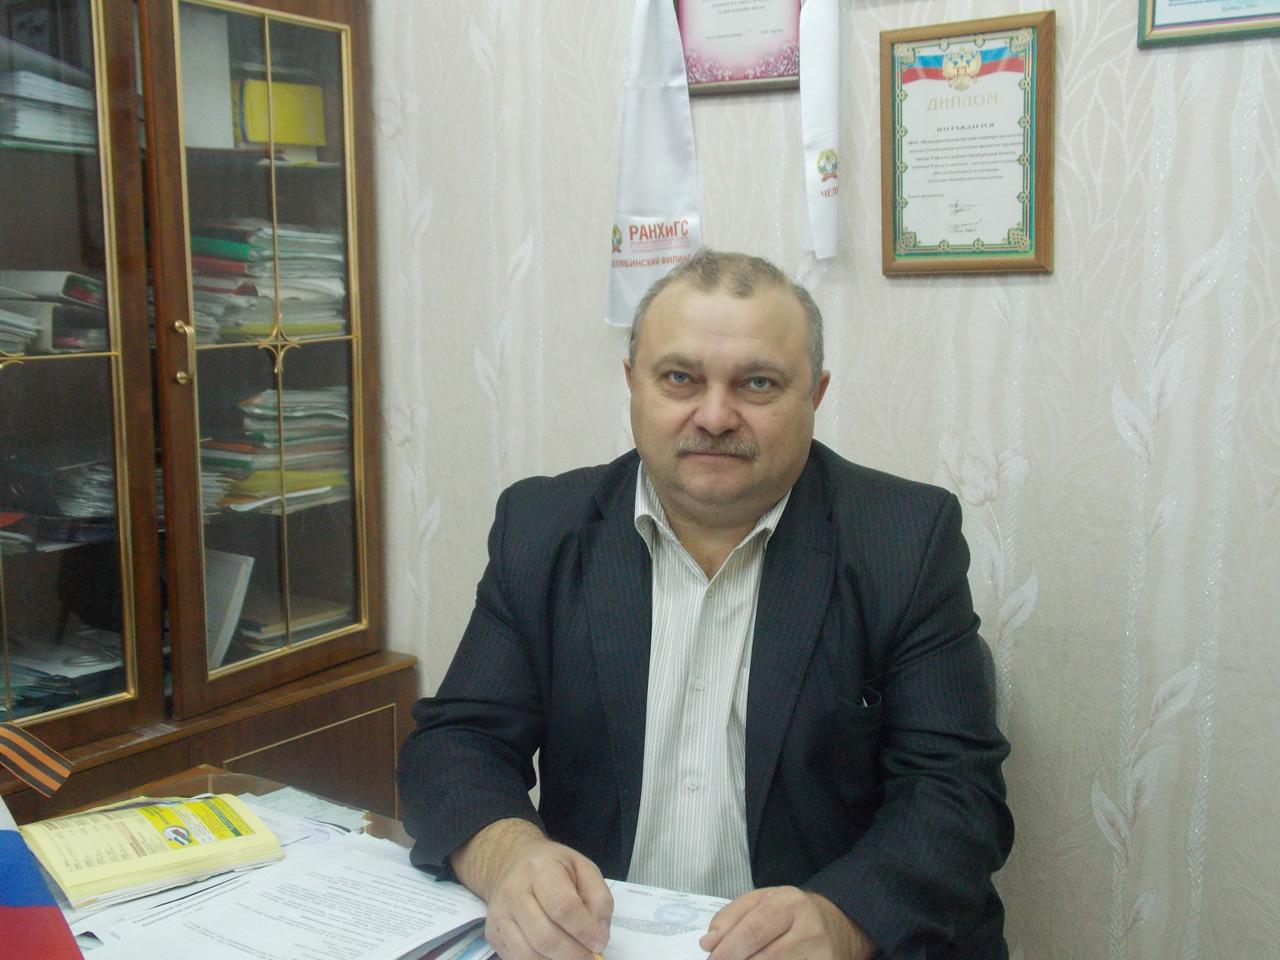 Филатов Виктор Владимирович